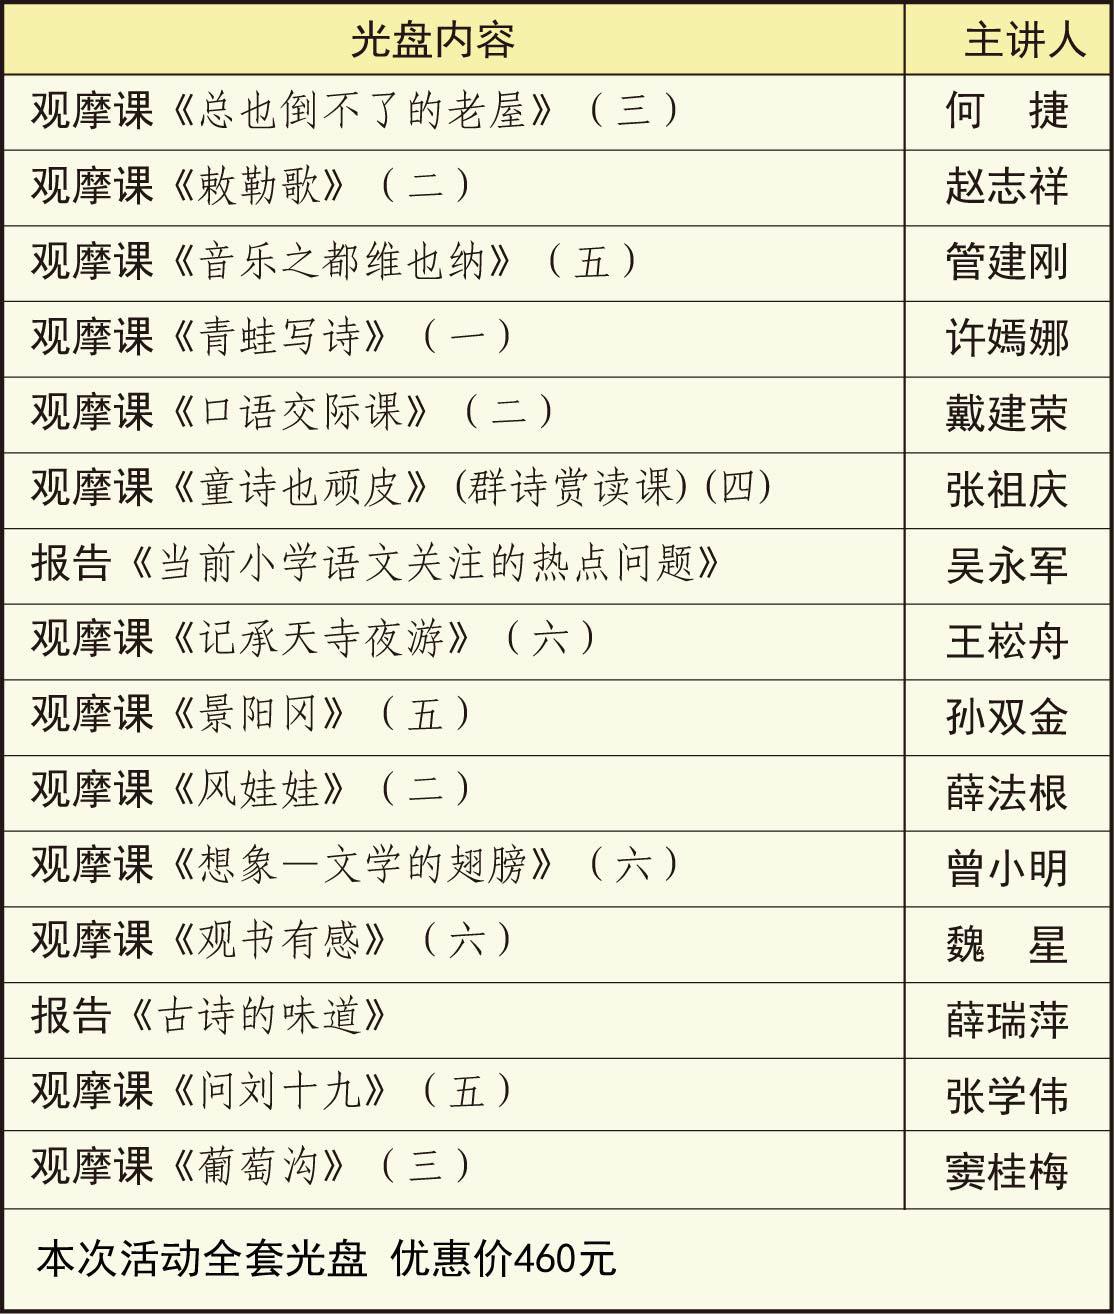 27届无锡语文光盘图.jpg